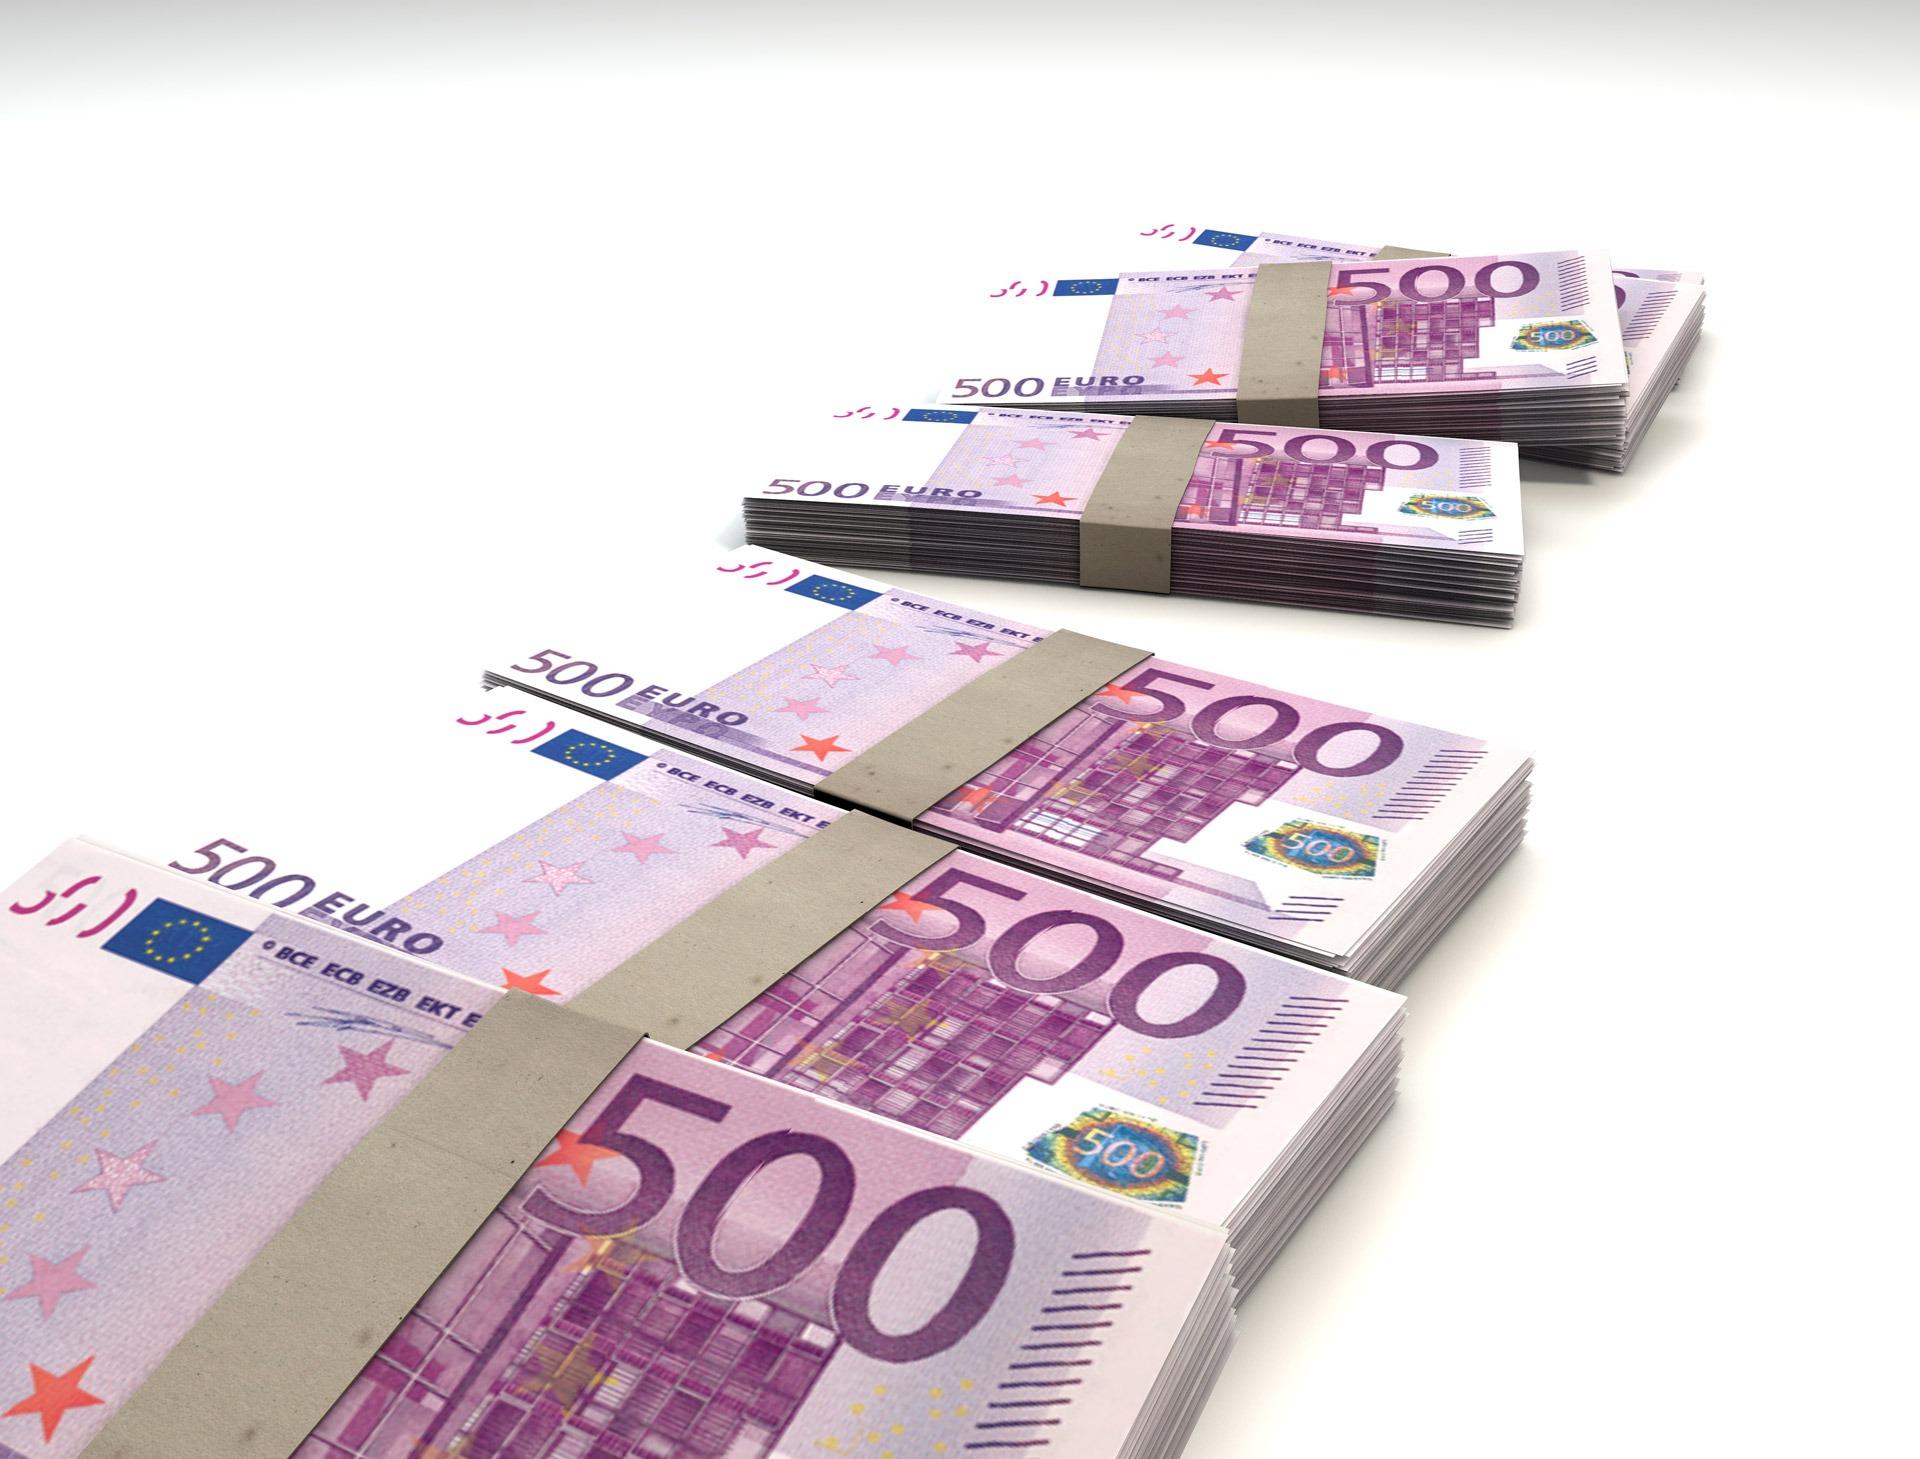 บัญชีเงินฝากประเภทฝากประจำ-เงินฝากกรุงไทย-imoney